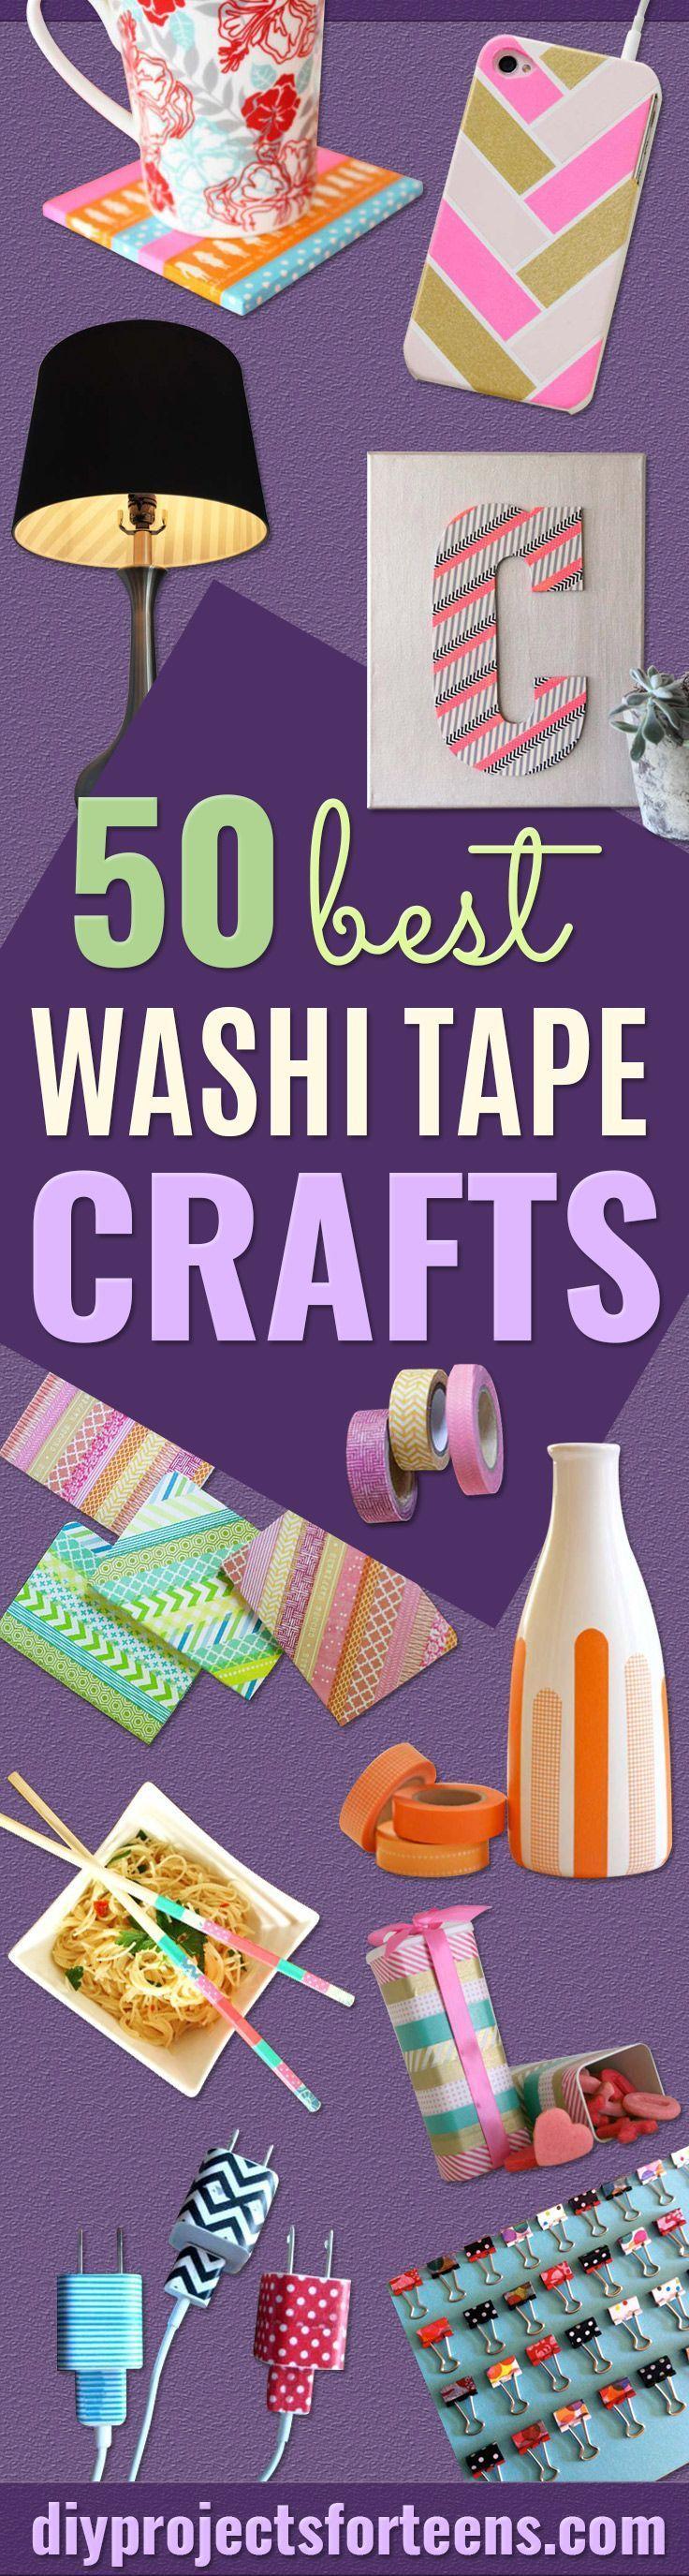 50 Best Washi Tape Crafts 112 best